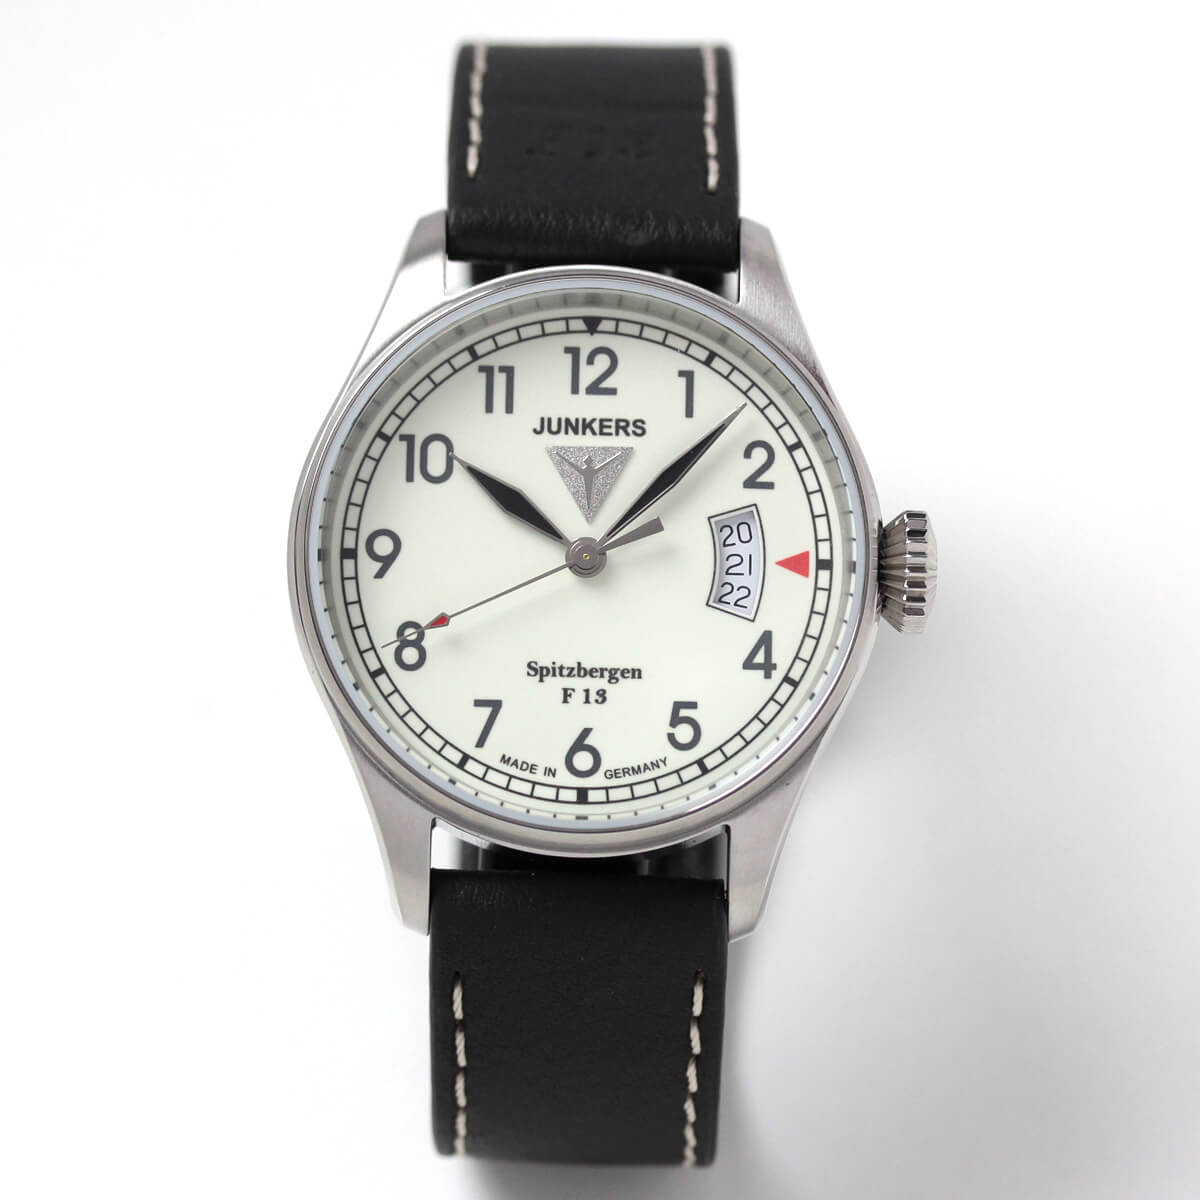 ユンカース junkers 6170-5qz メンズ腕時計